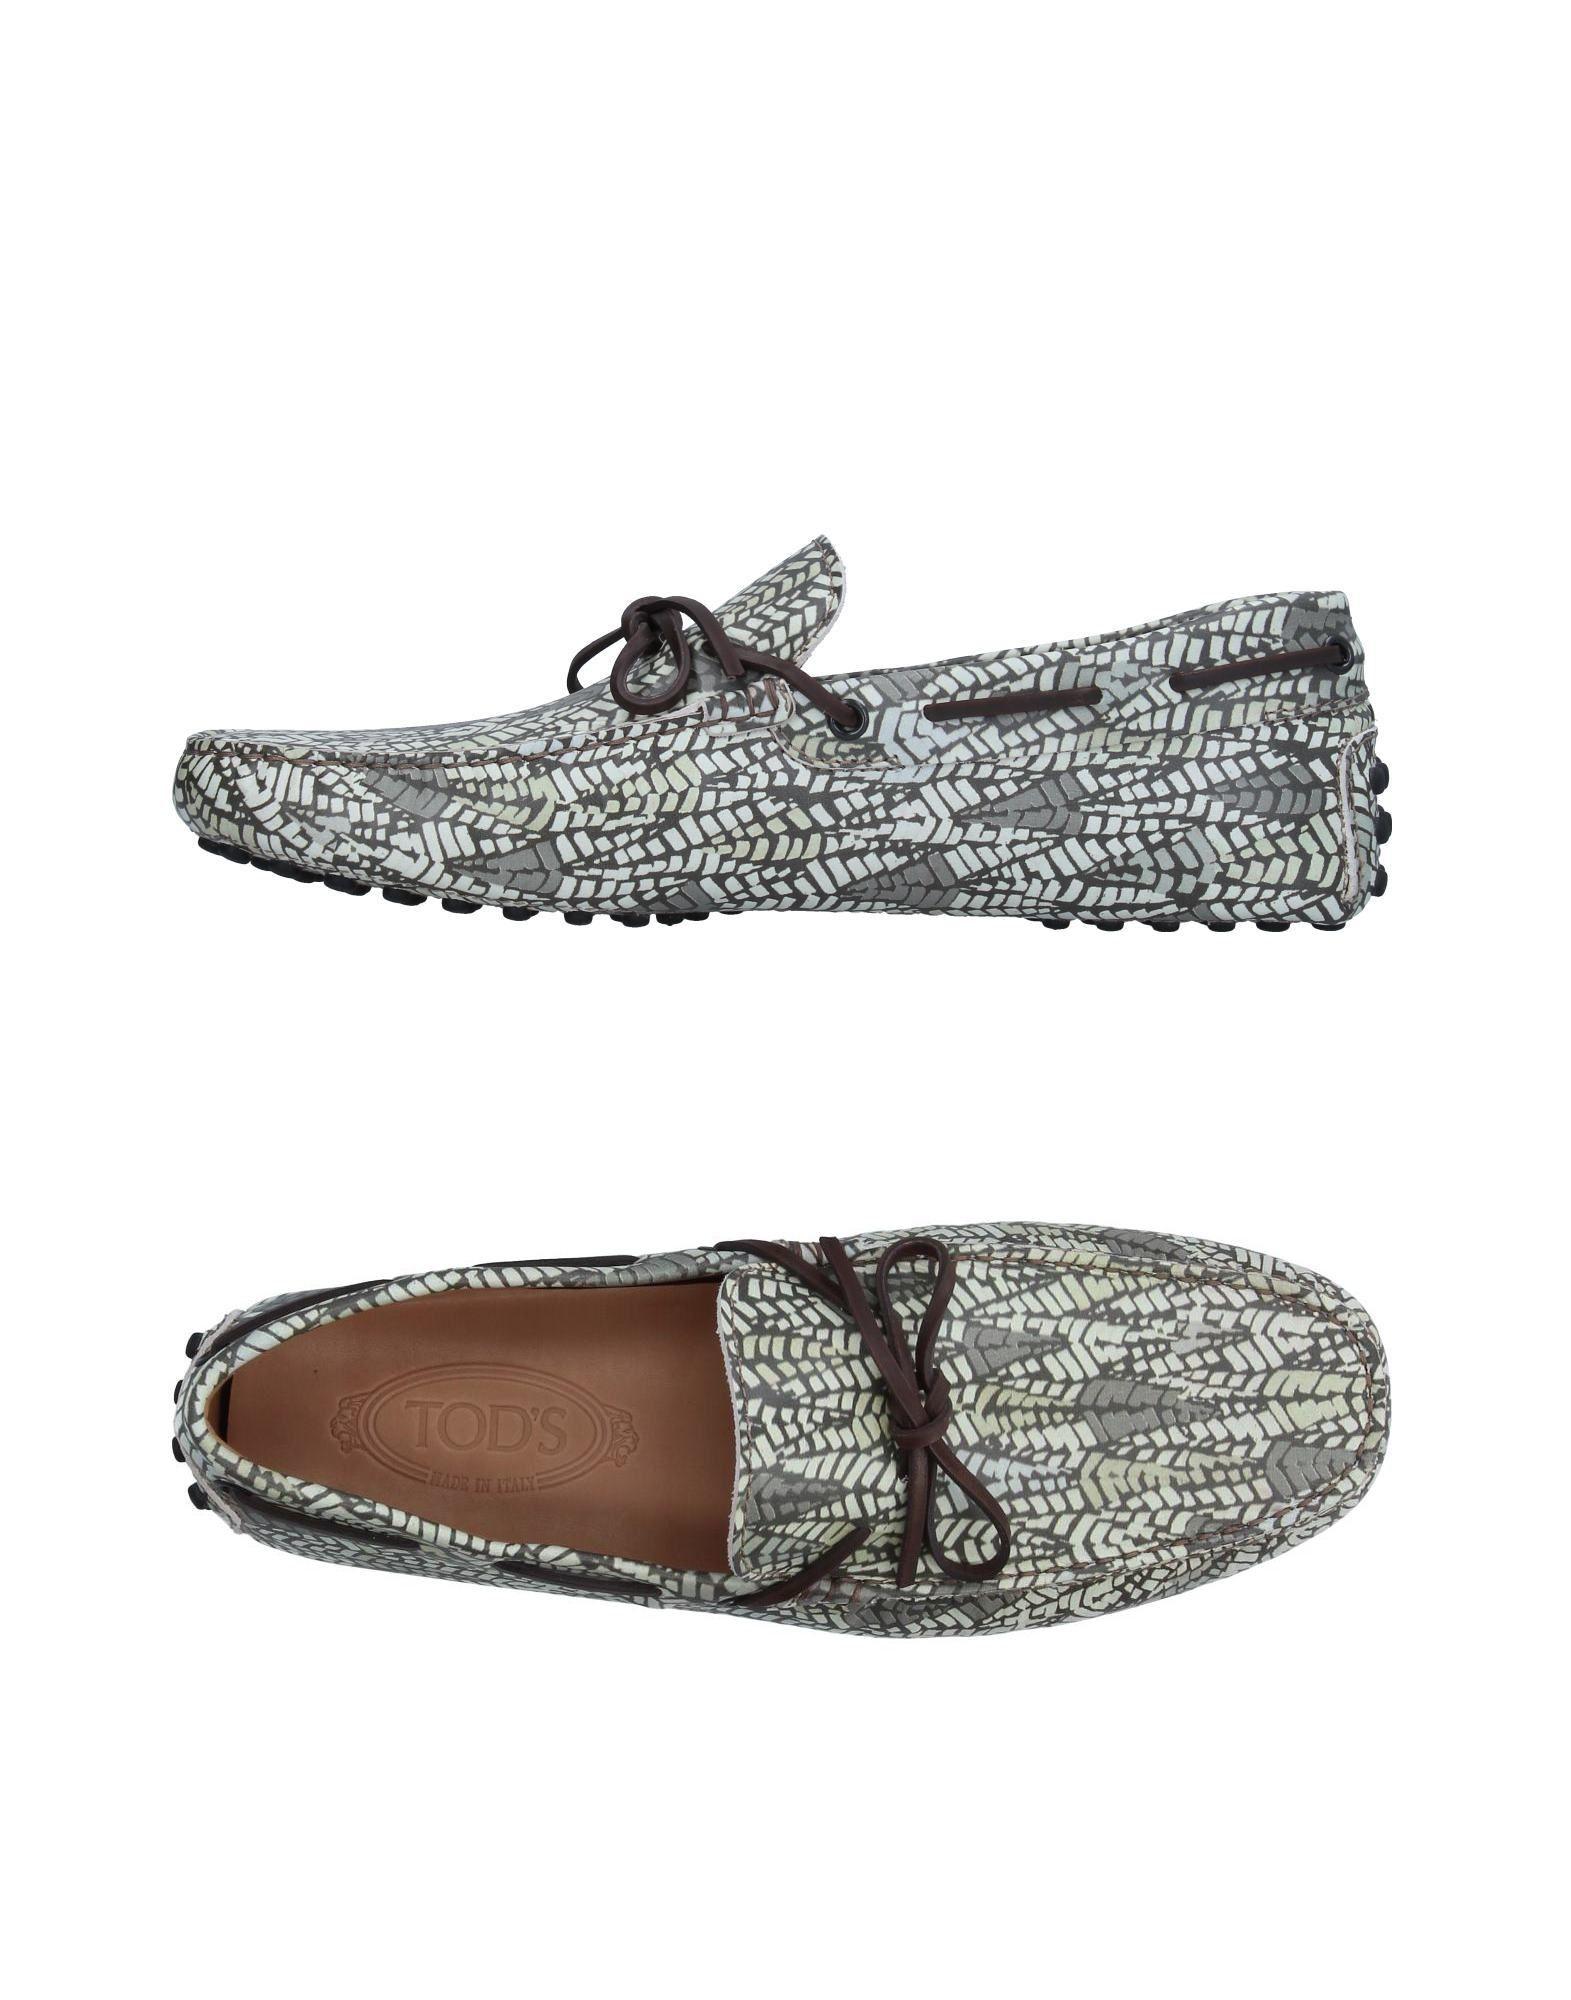 Tod's Mokassins Herren  11299204HD Gute Qualität beliebte Schuhe